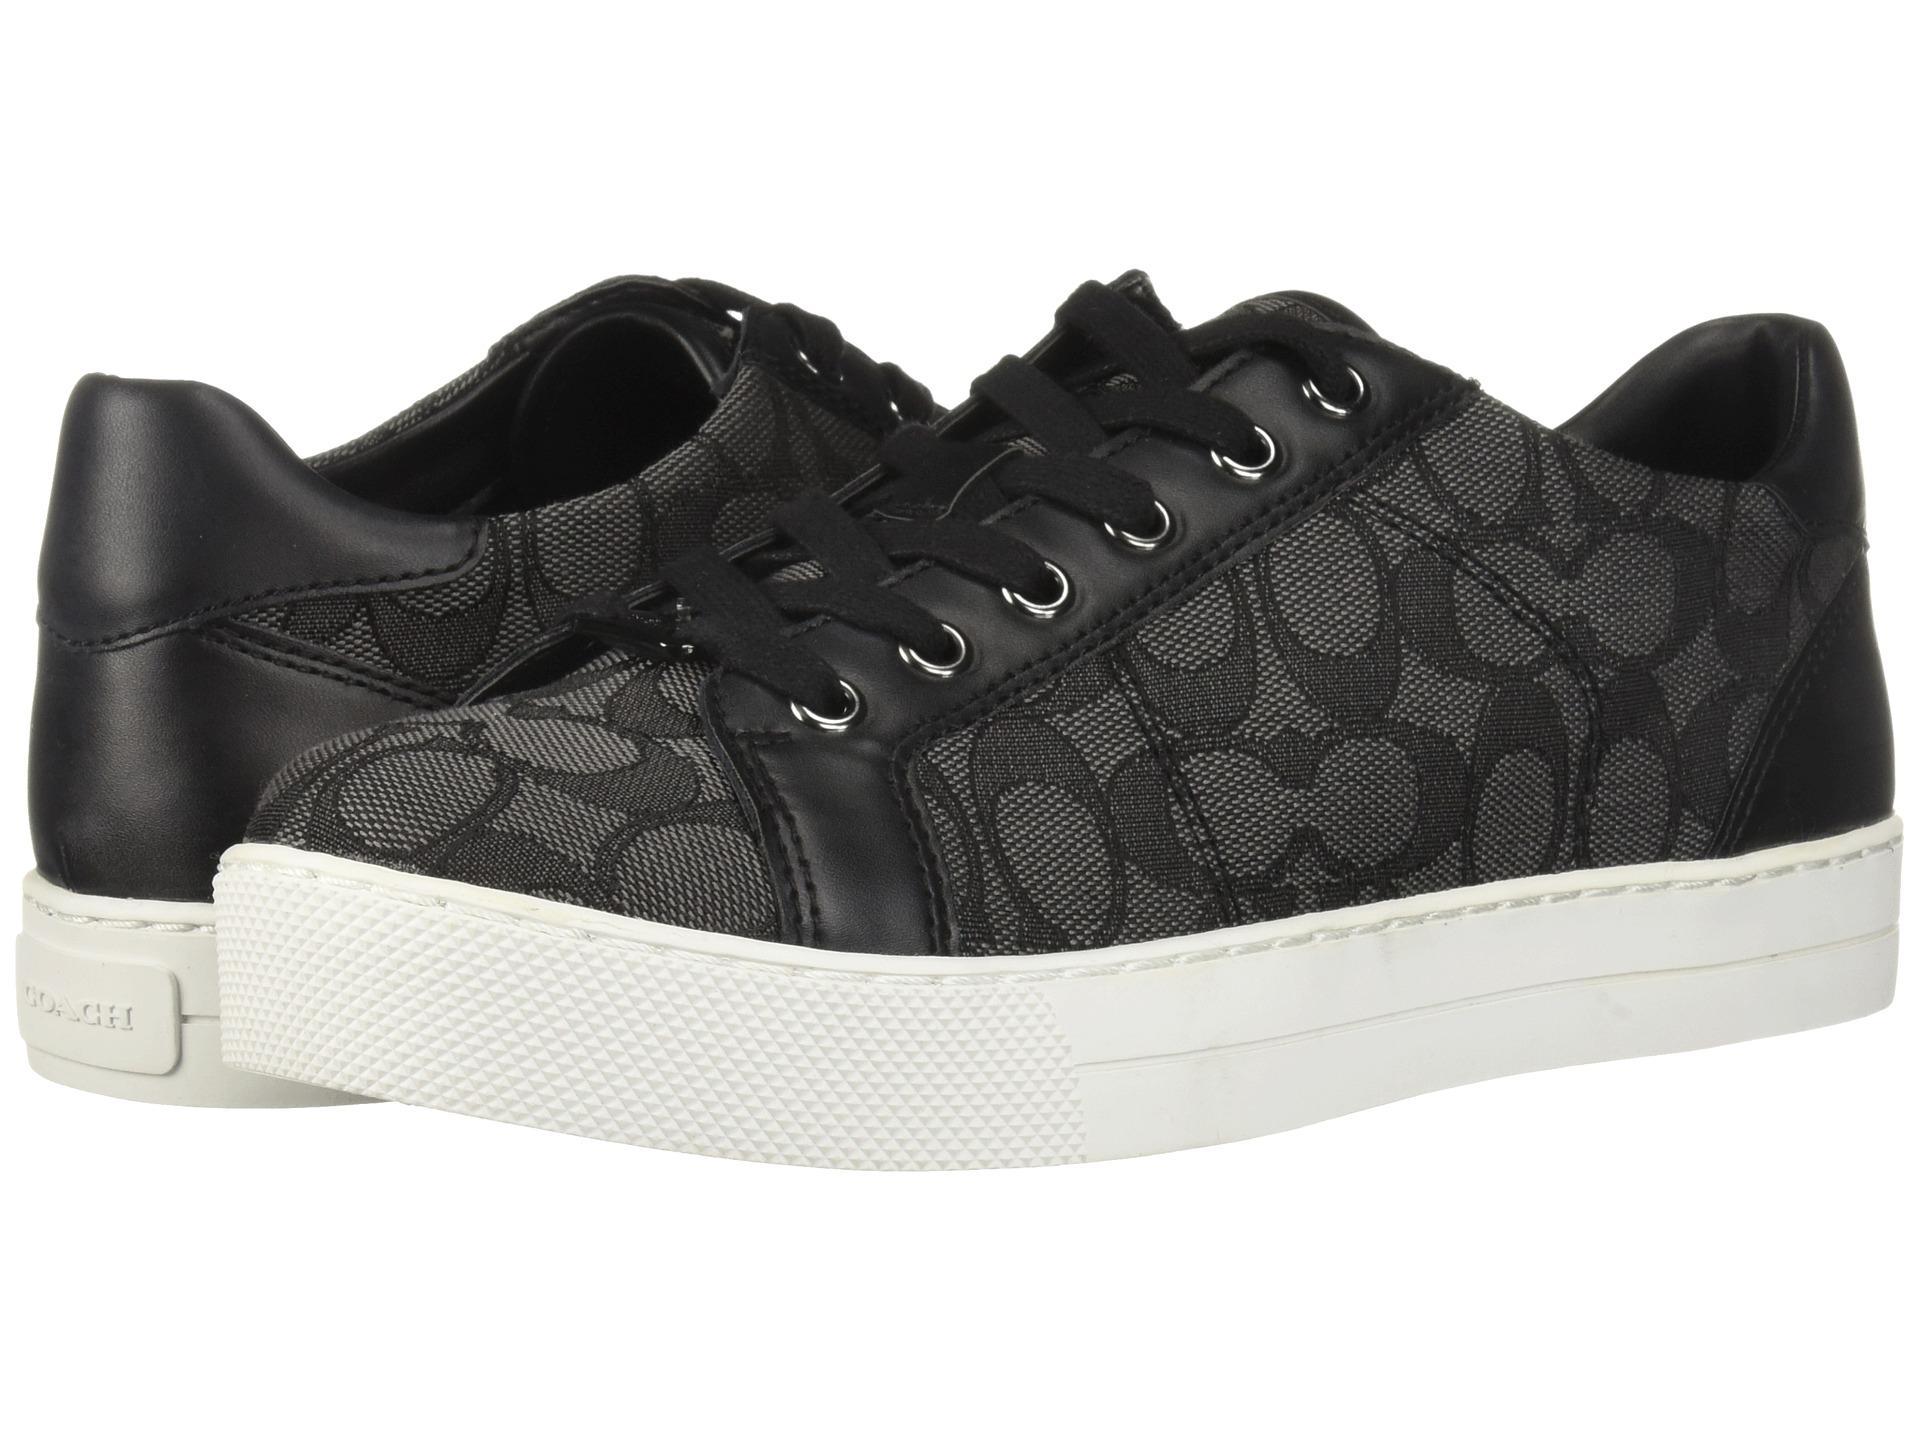 코치 패디 스니커즈 시그니처 블랙 COACH Paddy Sneakers Black